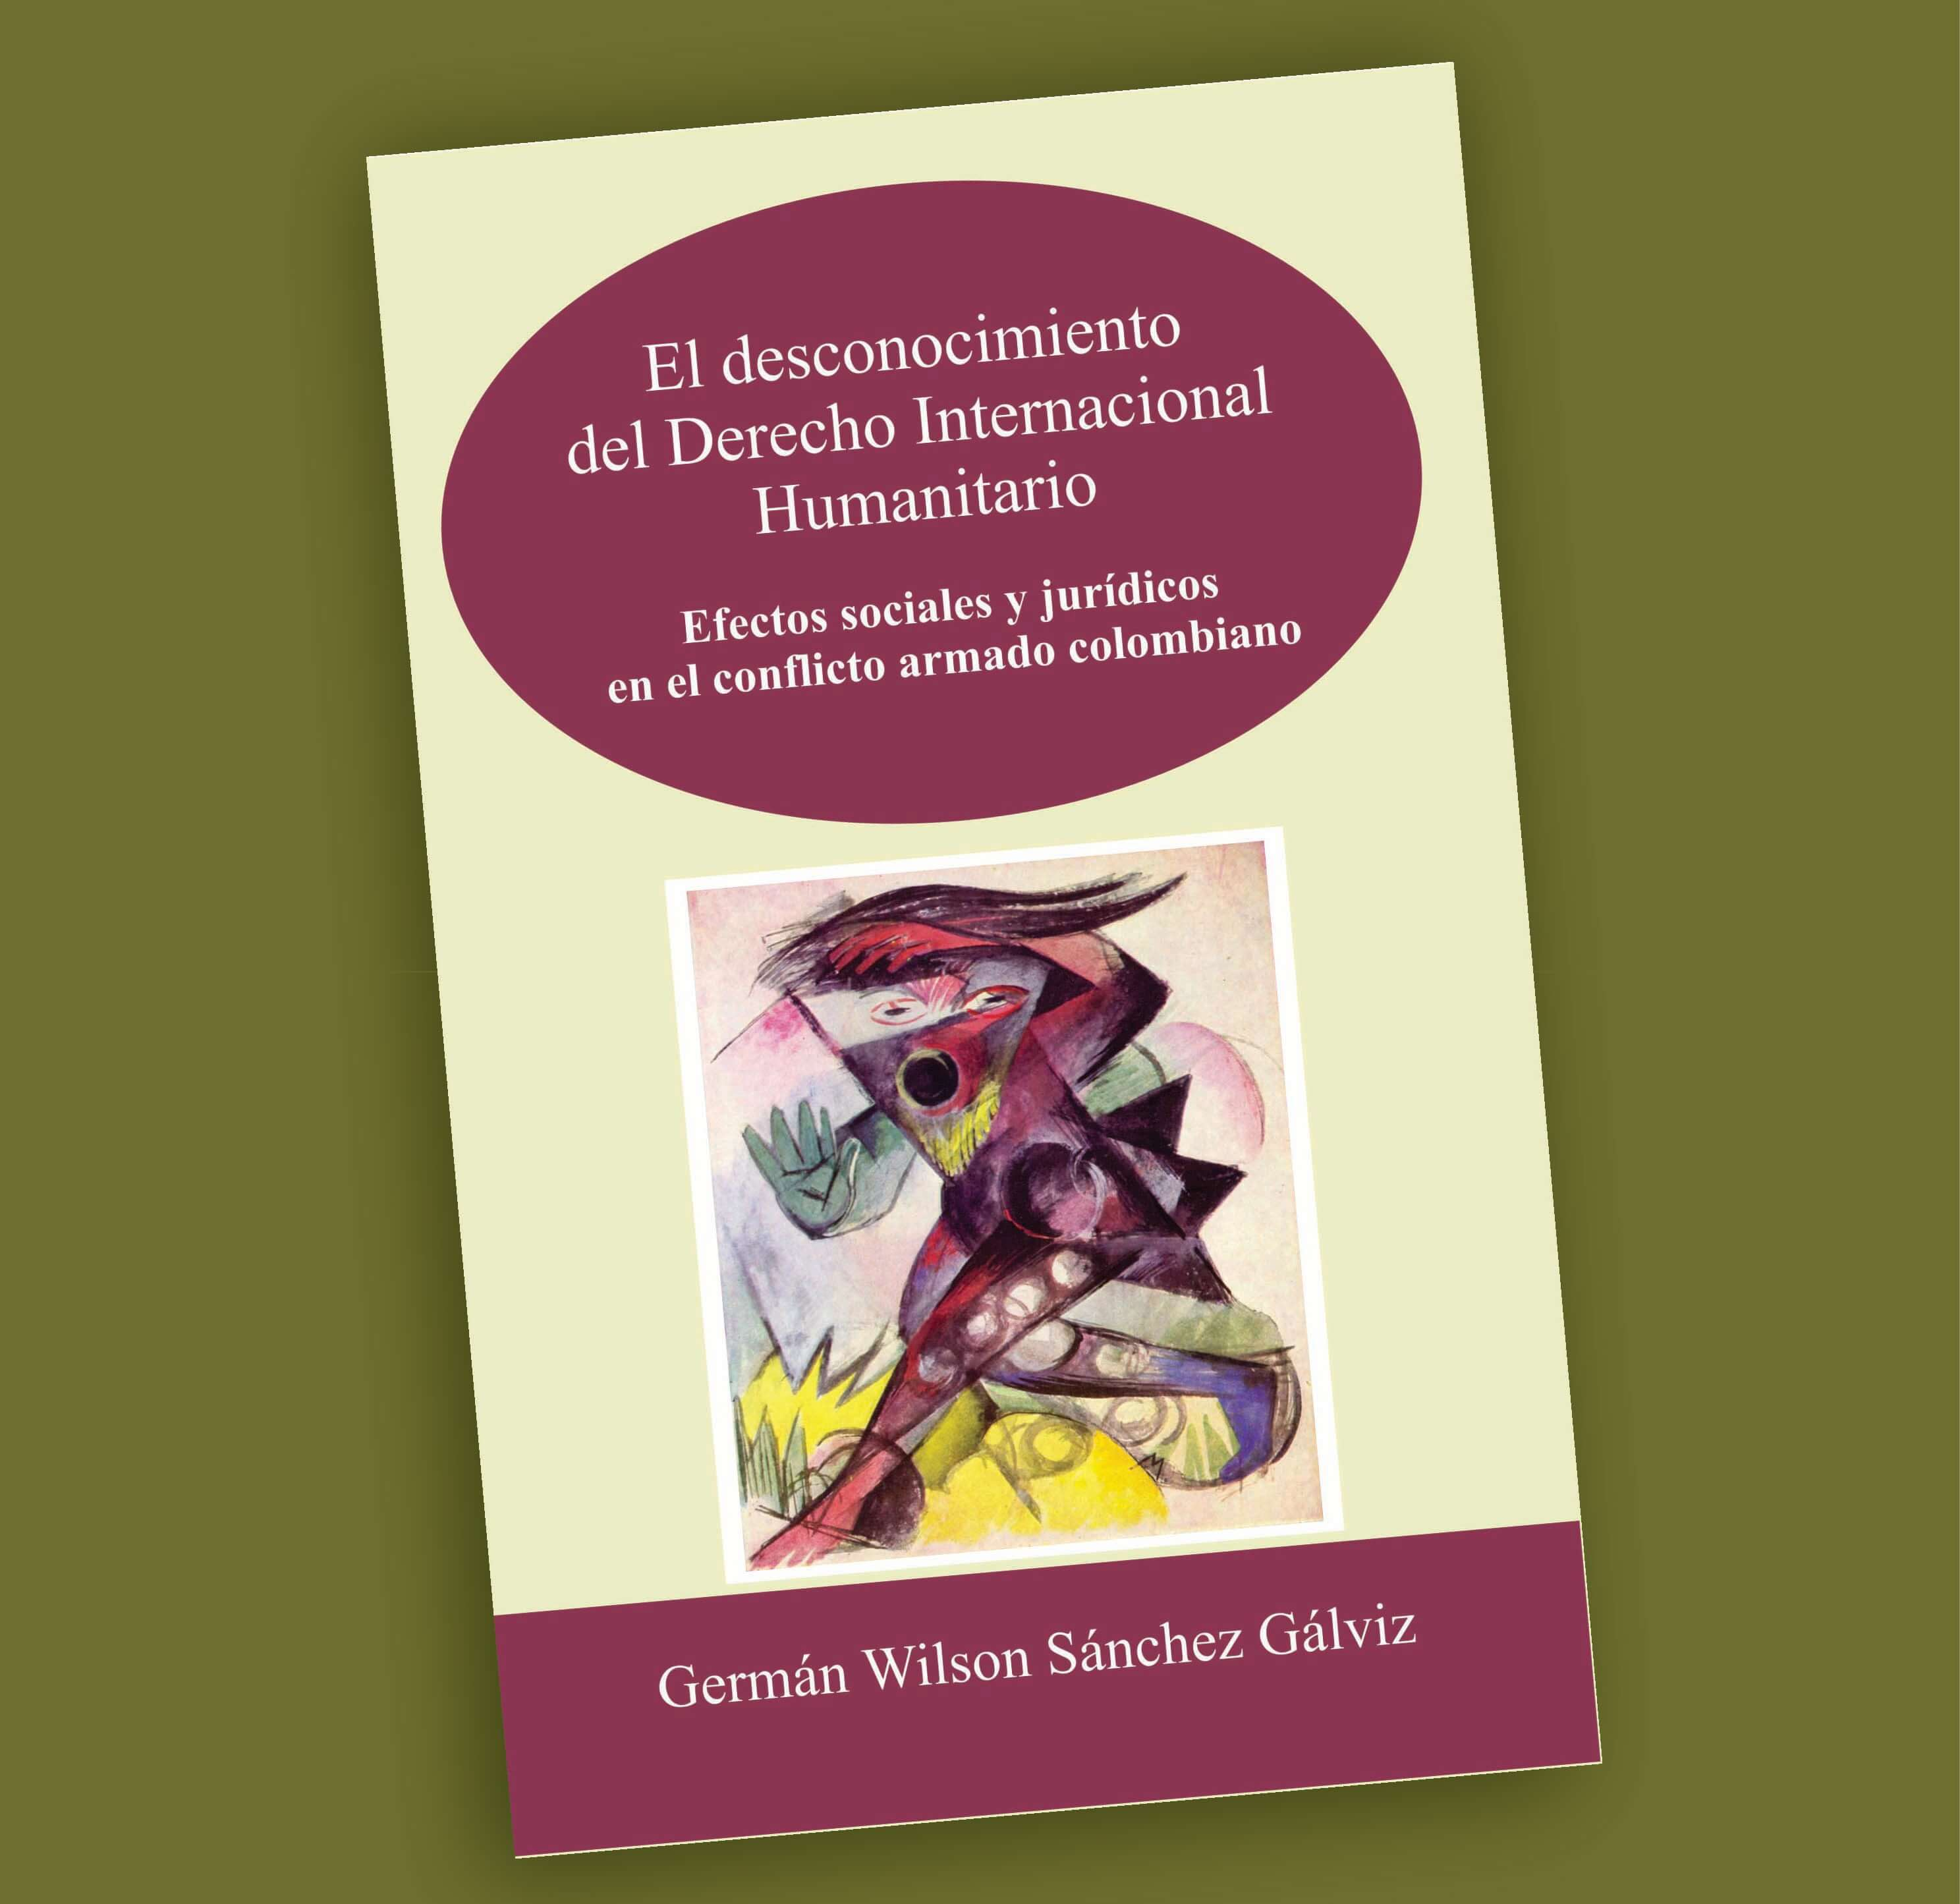 El desconocimiento del Derecho Internacional Humanitario-Germán Wilson Sánchez Gálviz